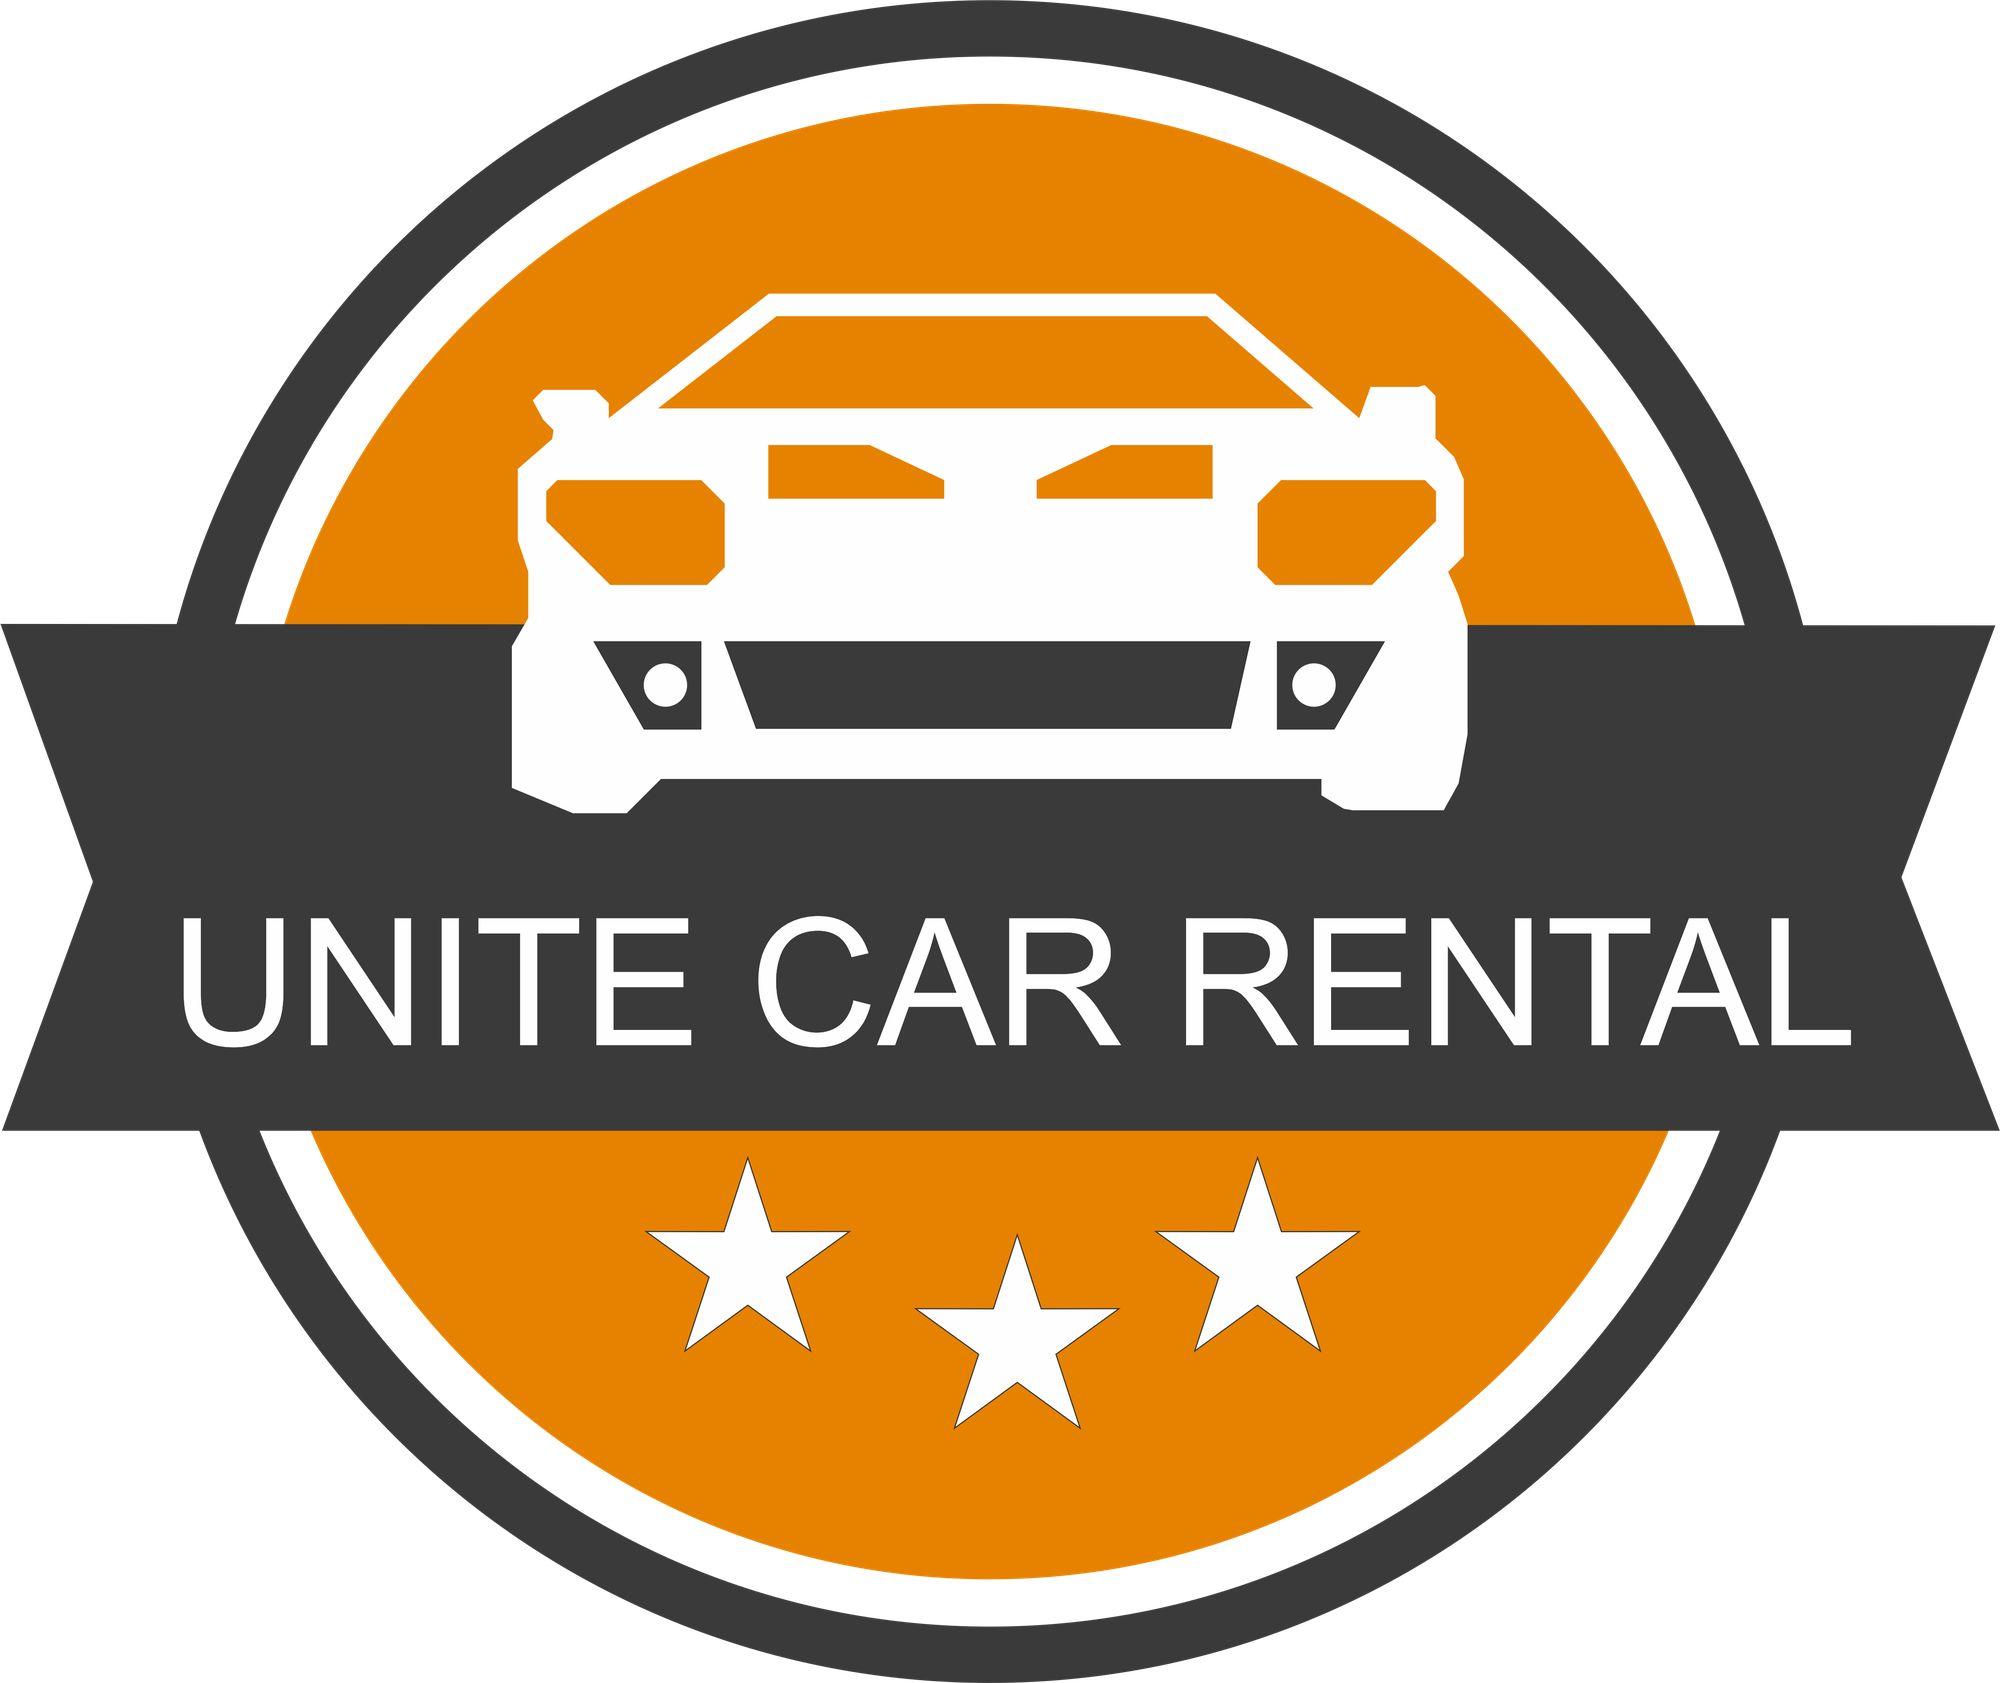 Unite Car Rental doo